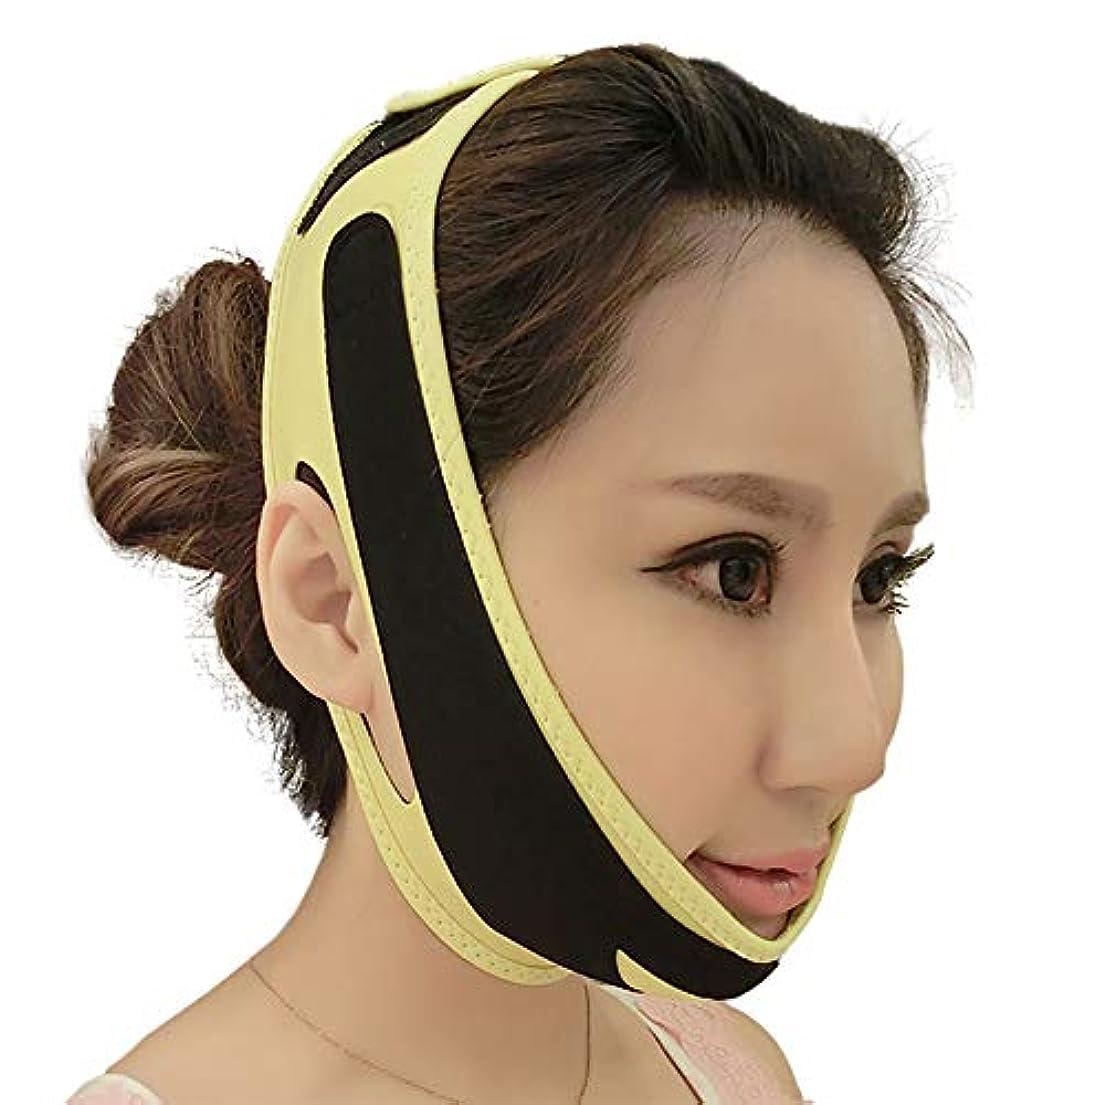 バックなしでためらう痩身頬マスク、アンチリンクルVラインフェイシャルマスクリフトアップストラップチンフェイスラインベルトストラップバンド,Yellow